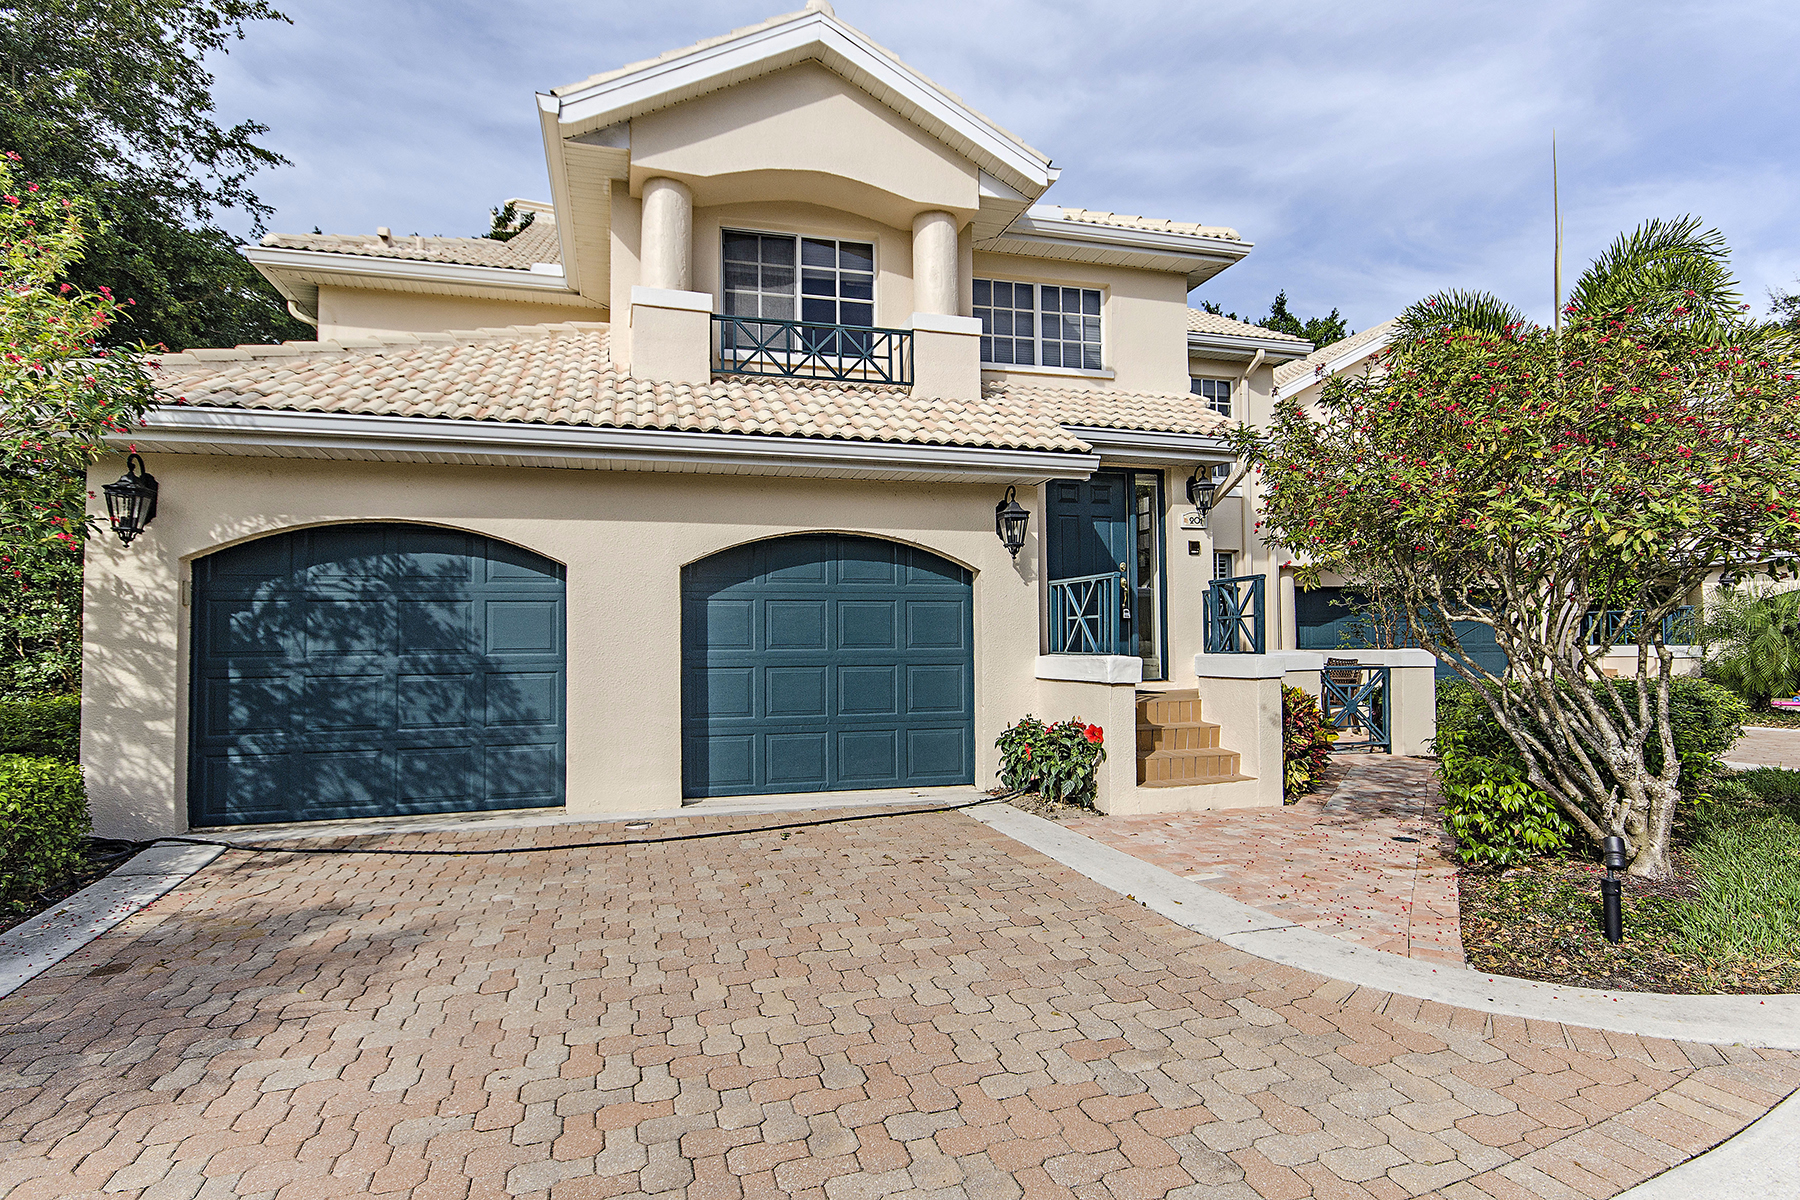 Condominium for Sale at Naples 6855 San Marino Dr 201B Naples, Florida, 34108 United States